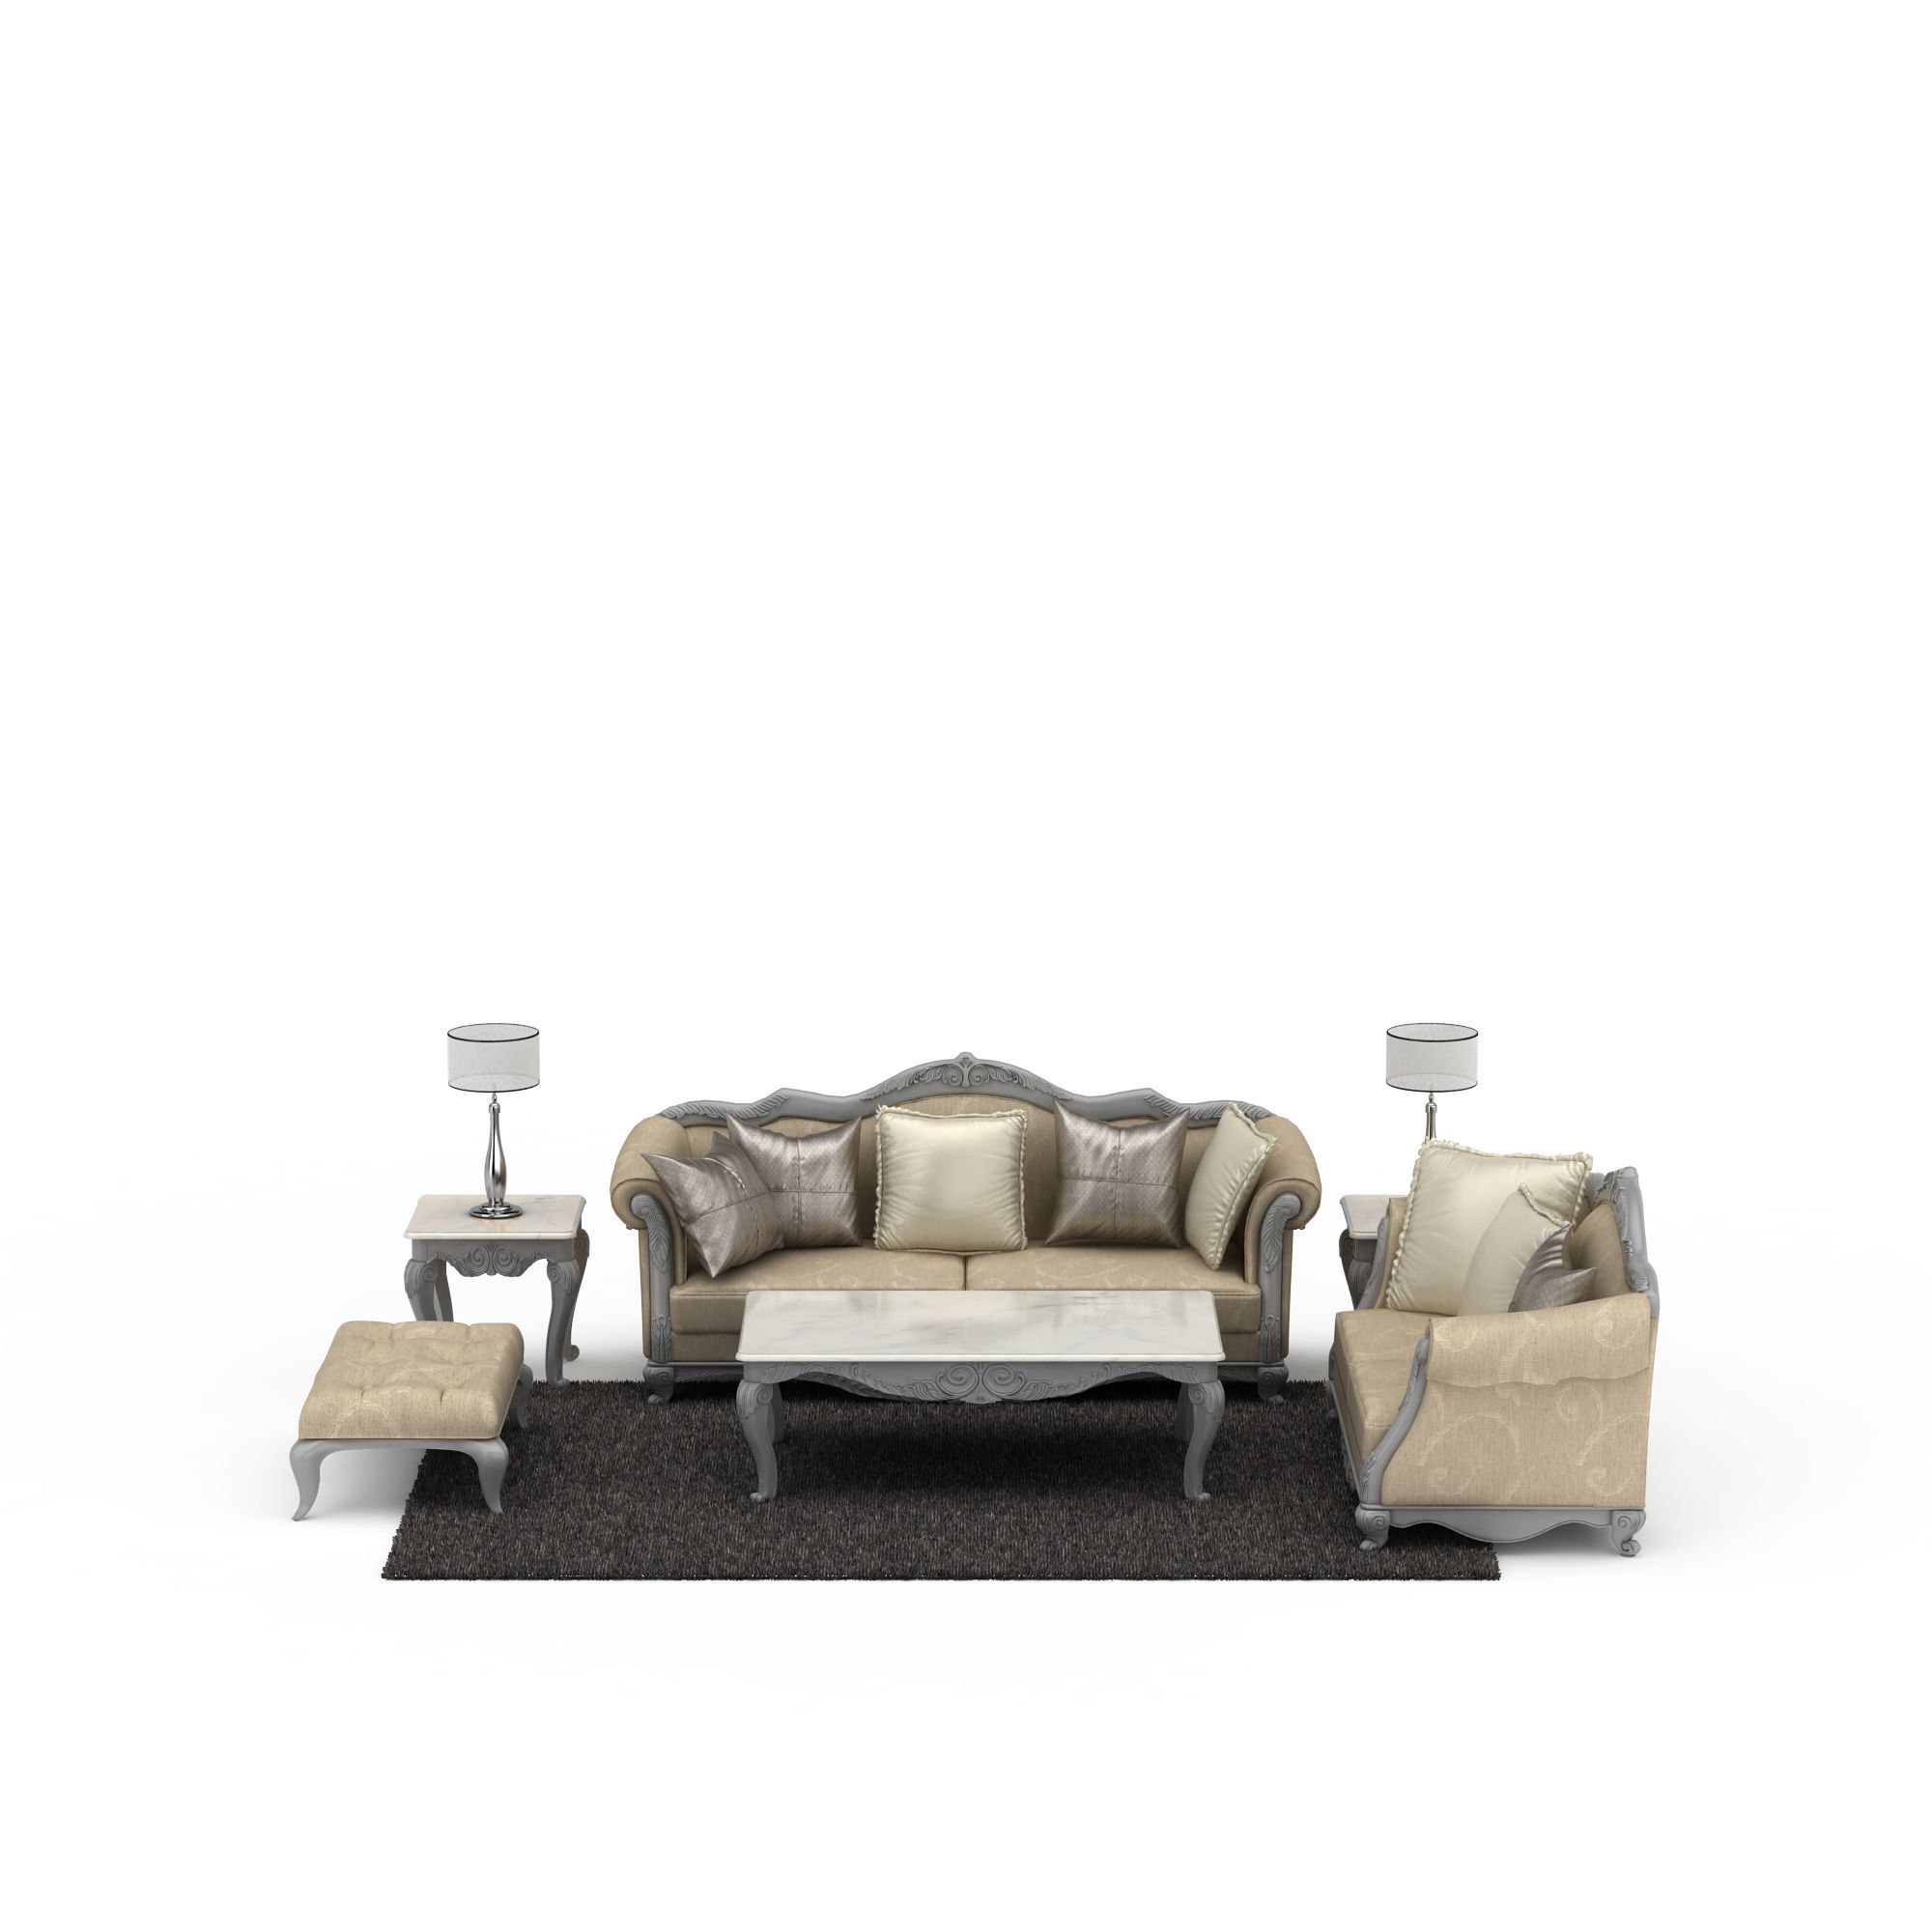 欧式风格沙发高清图下载图片